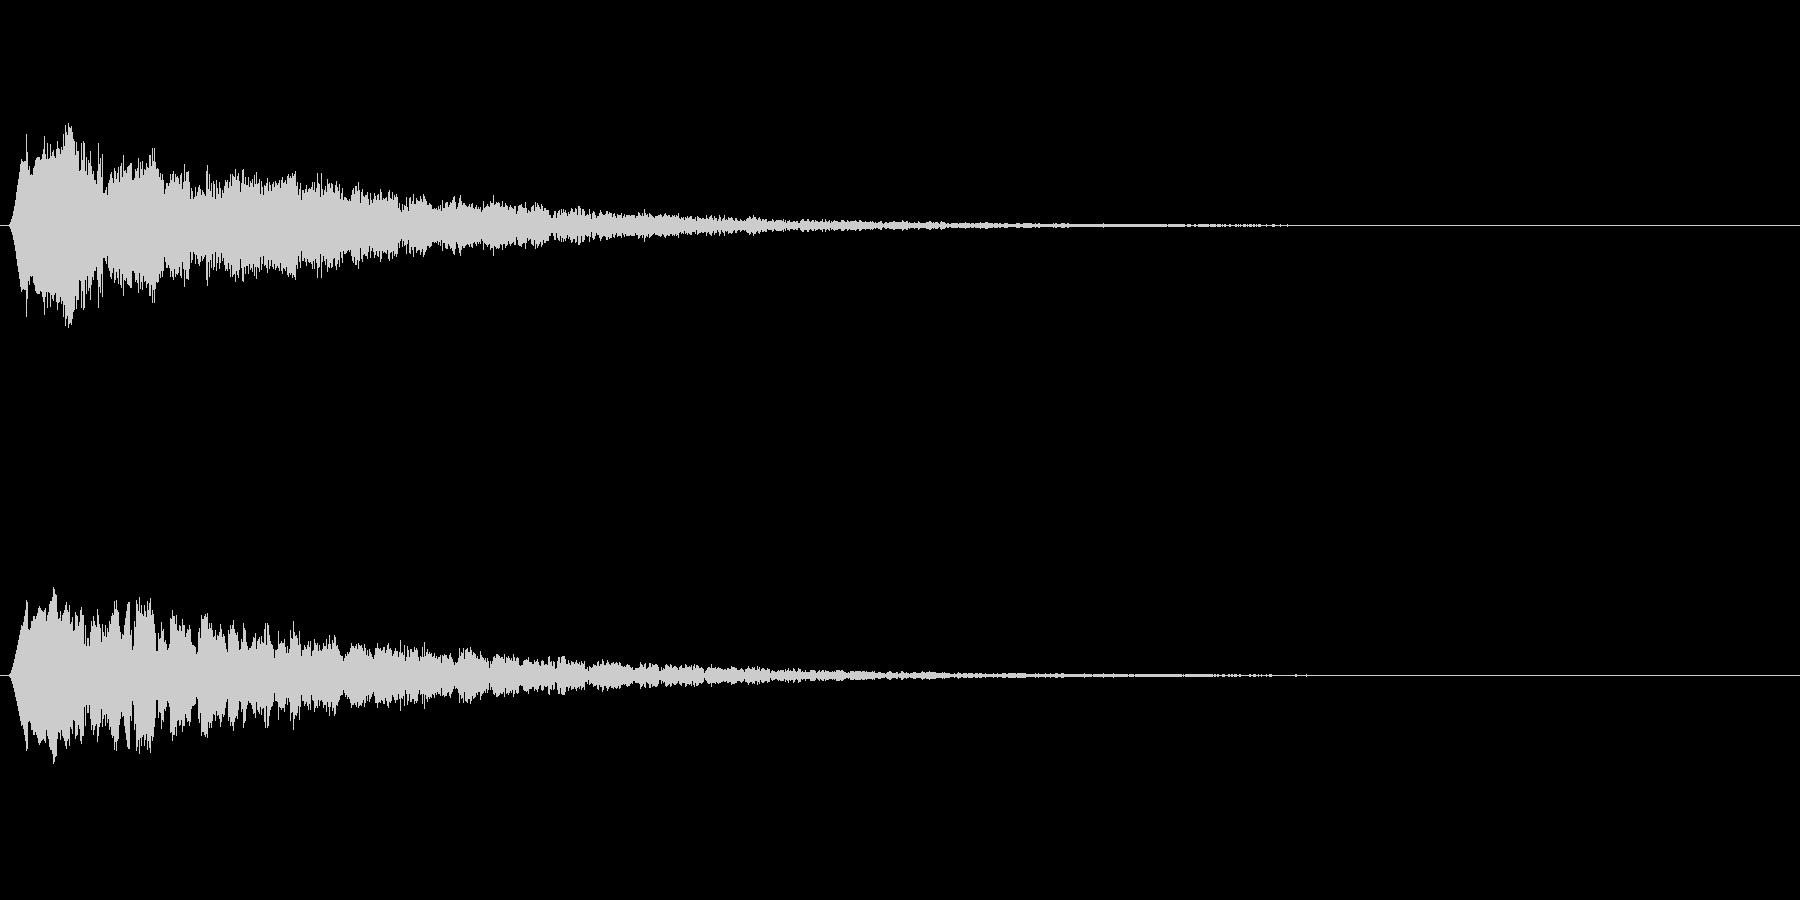 流れ星の音 ピュルルルの未再生の波形